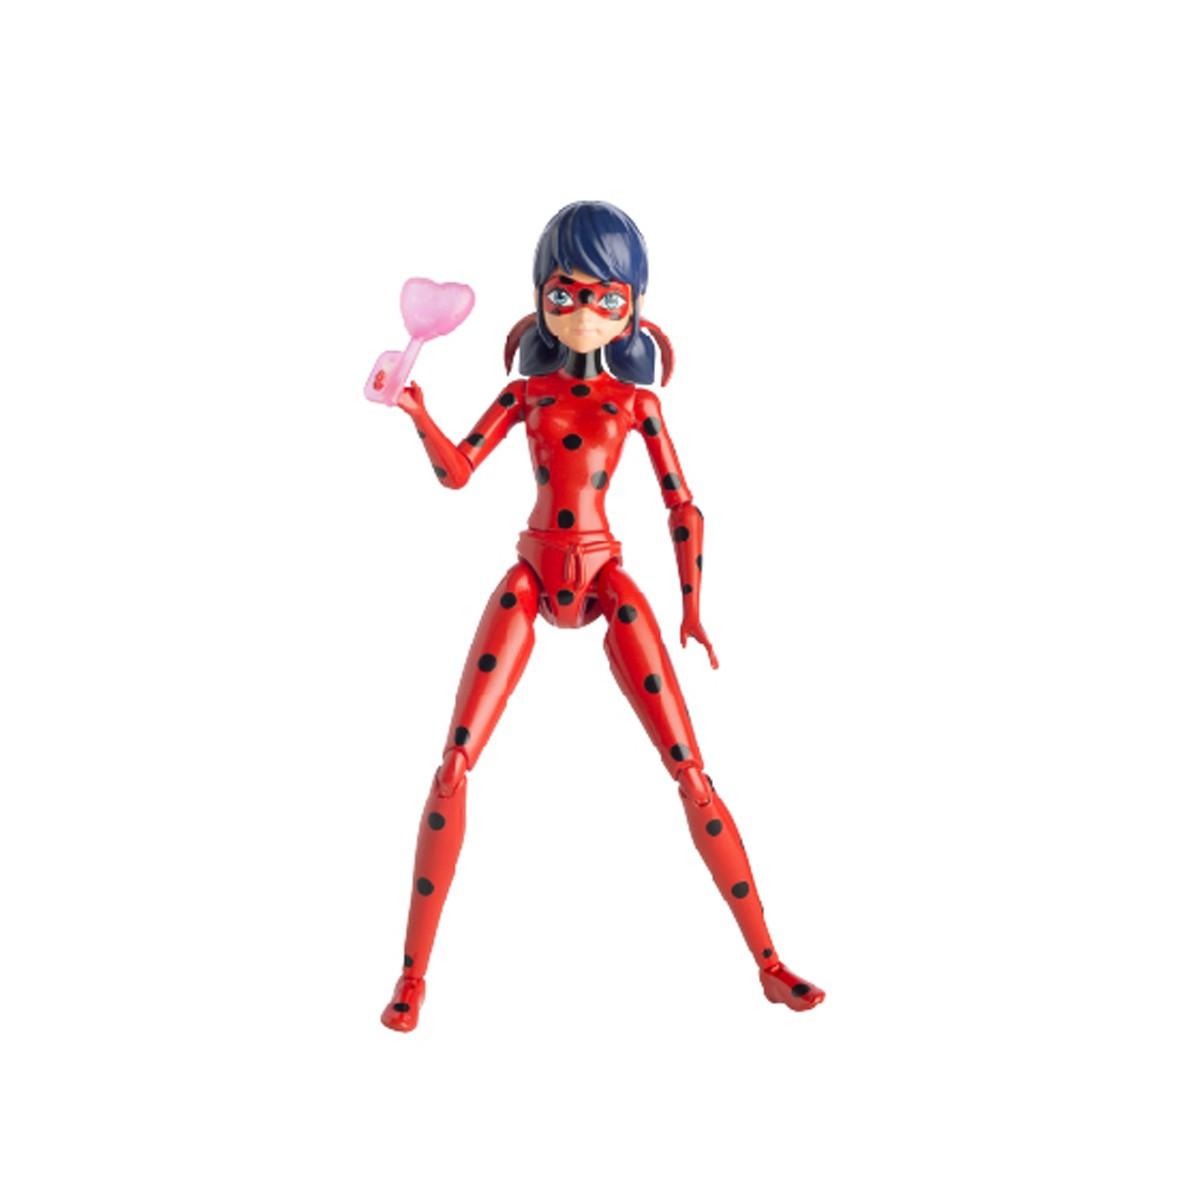 Кукла Miraculous Леди Баг 14см с аксессуаром (39721)